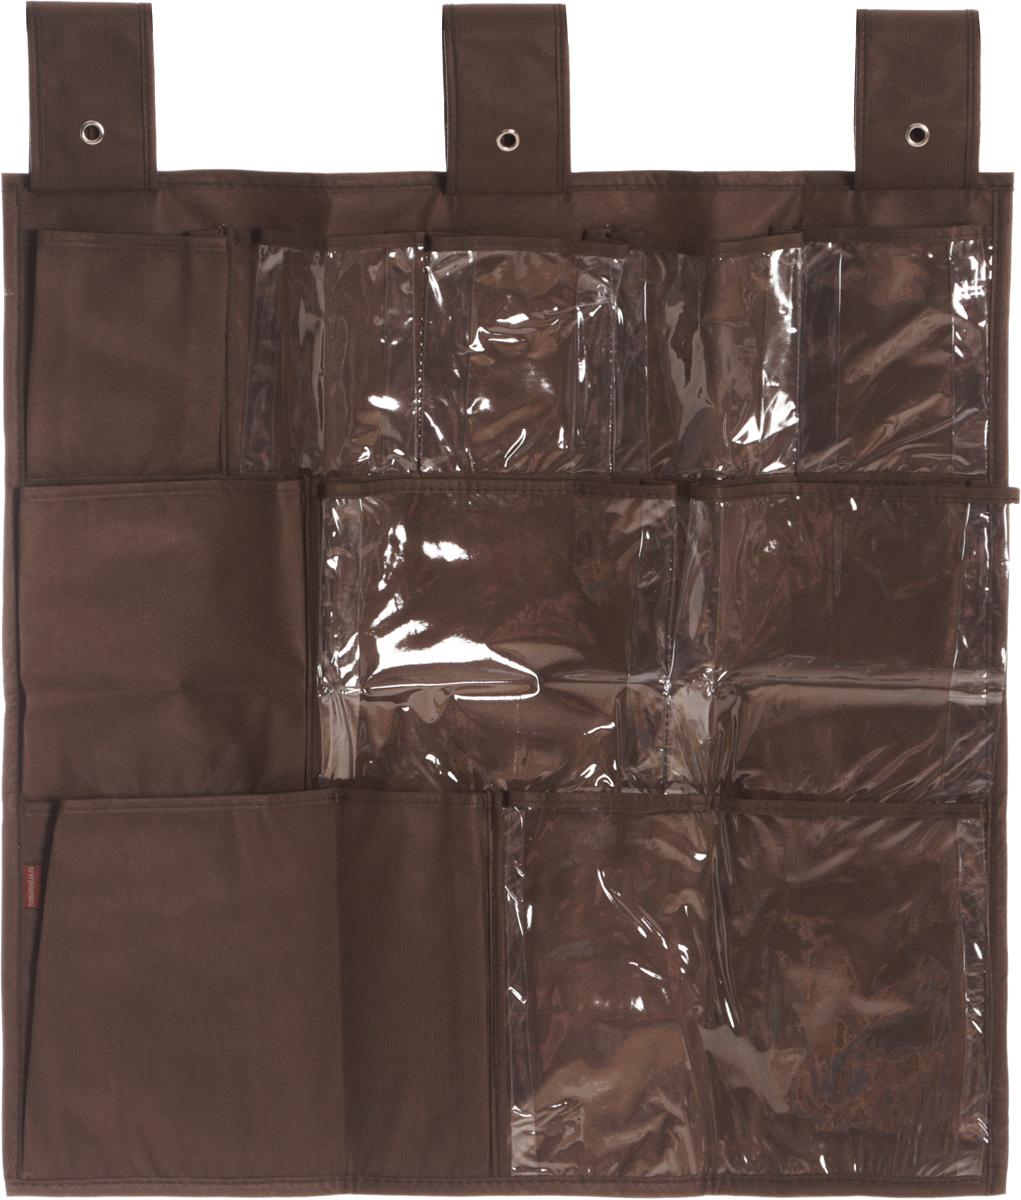 Органайзер для мелочей Все на местах Minimalistic, цвет: коричневый, 10 карманов1015020.